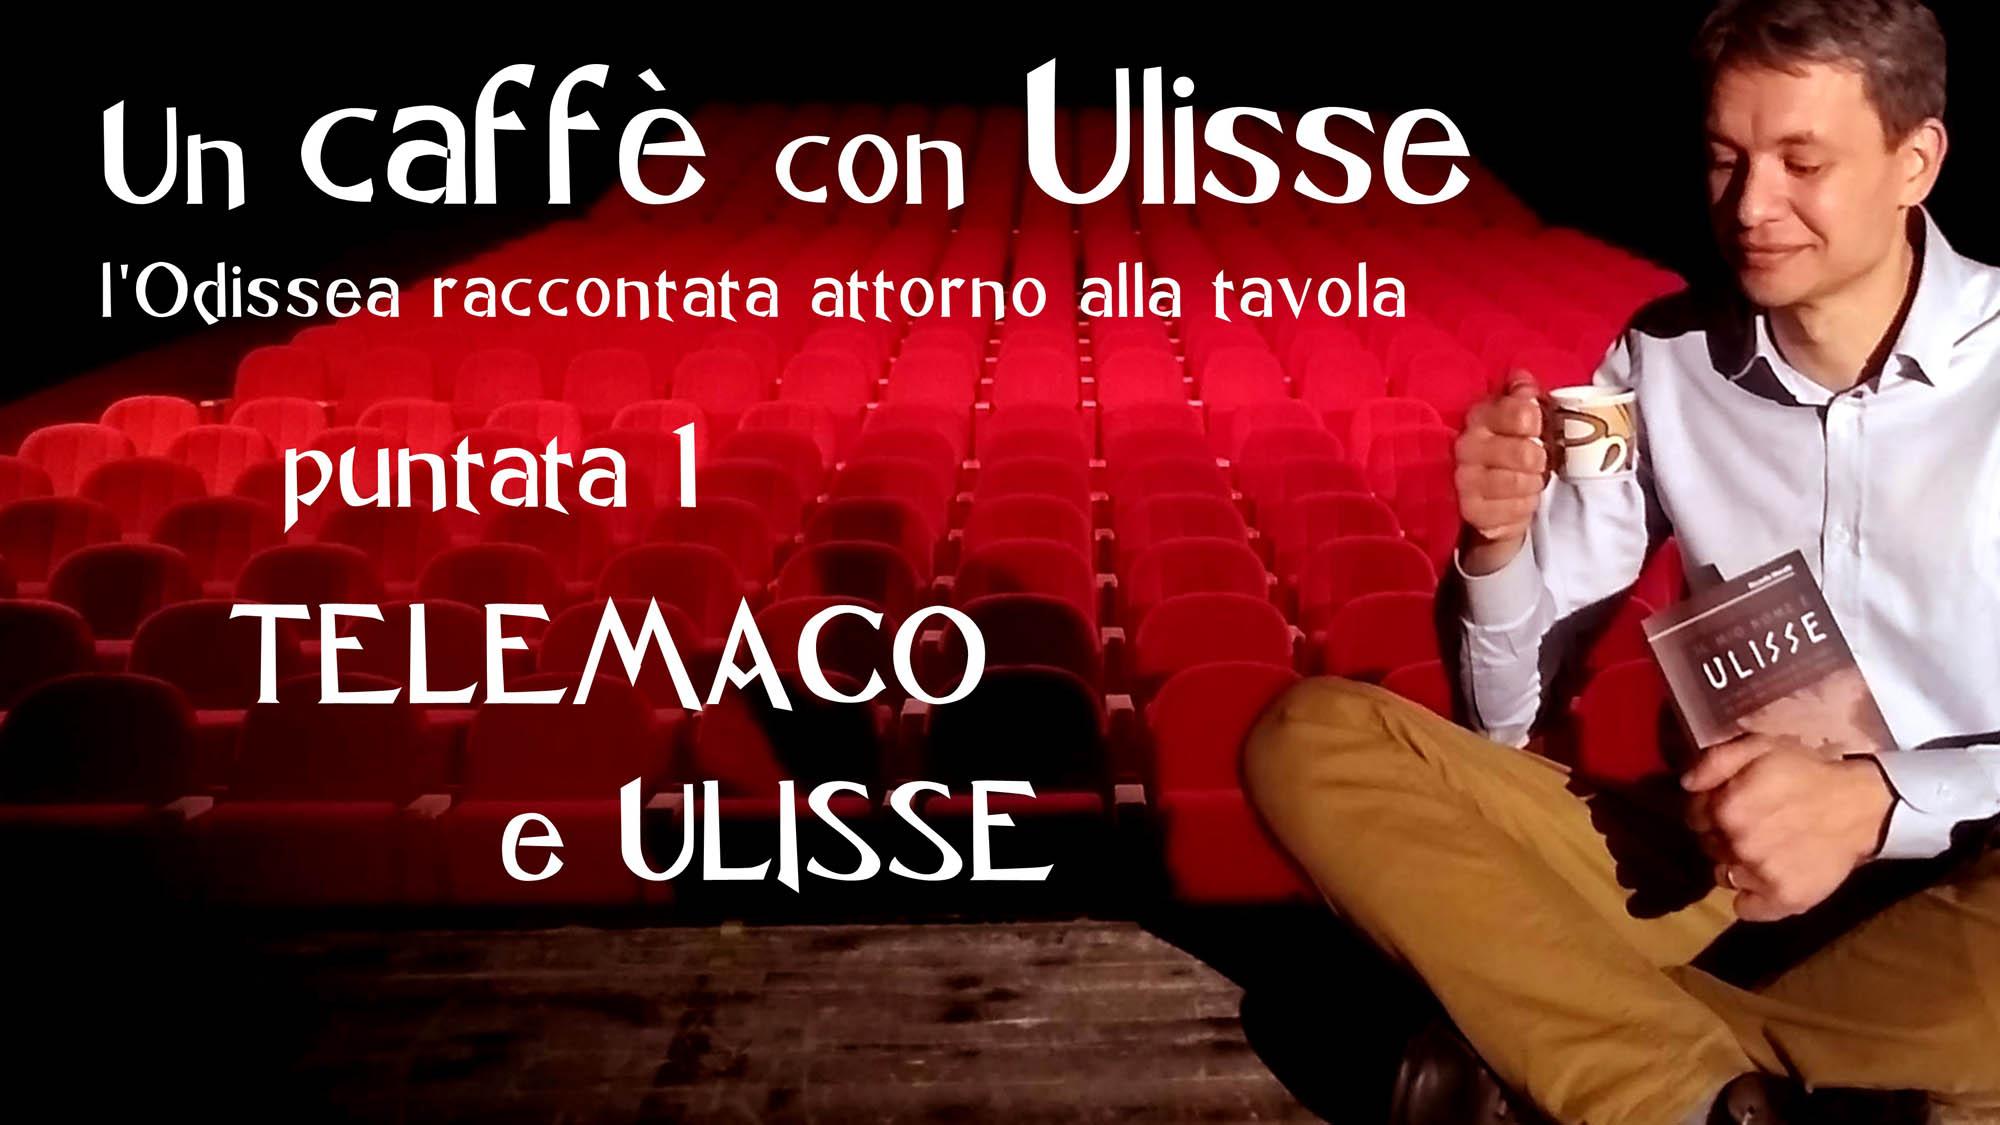 Un caffè con Ulisse Letterevive Moratti